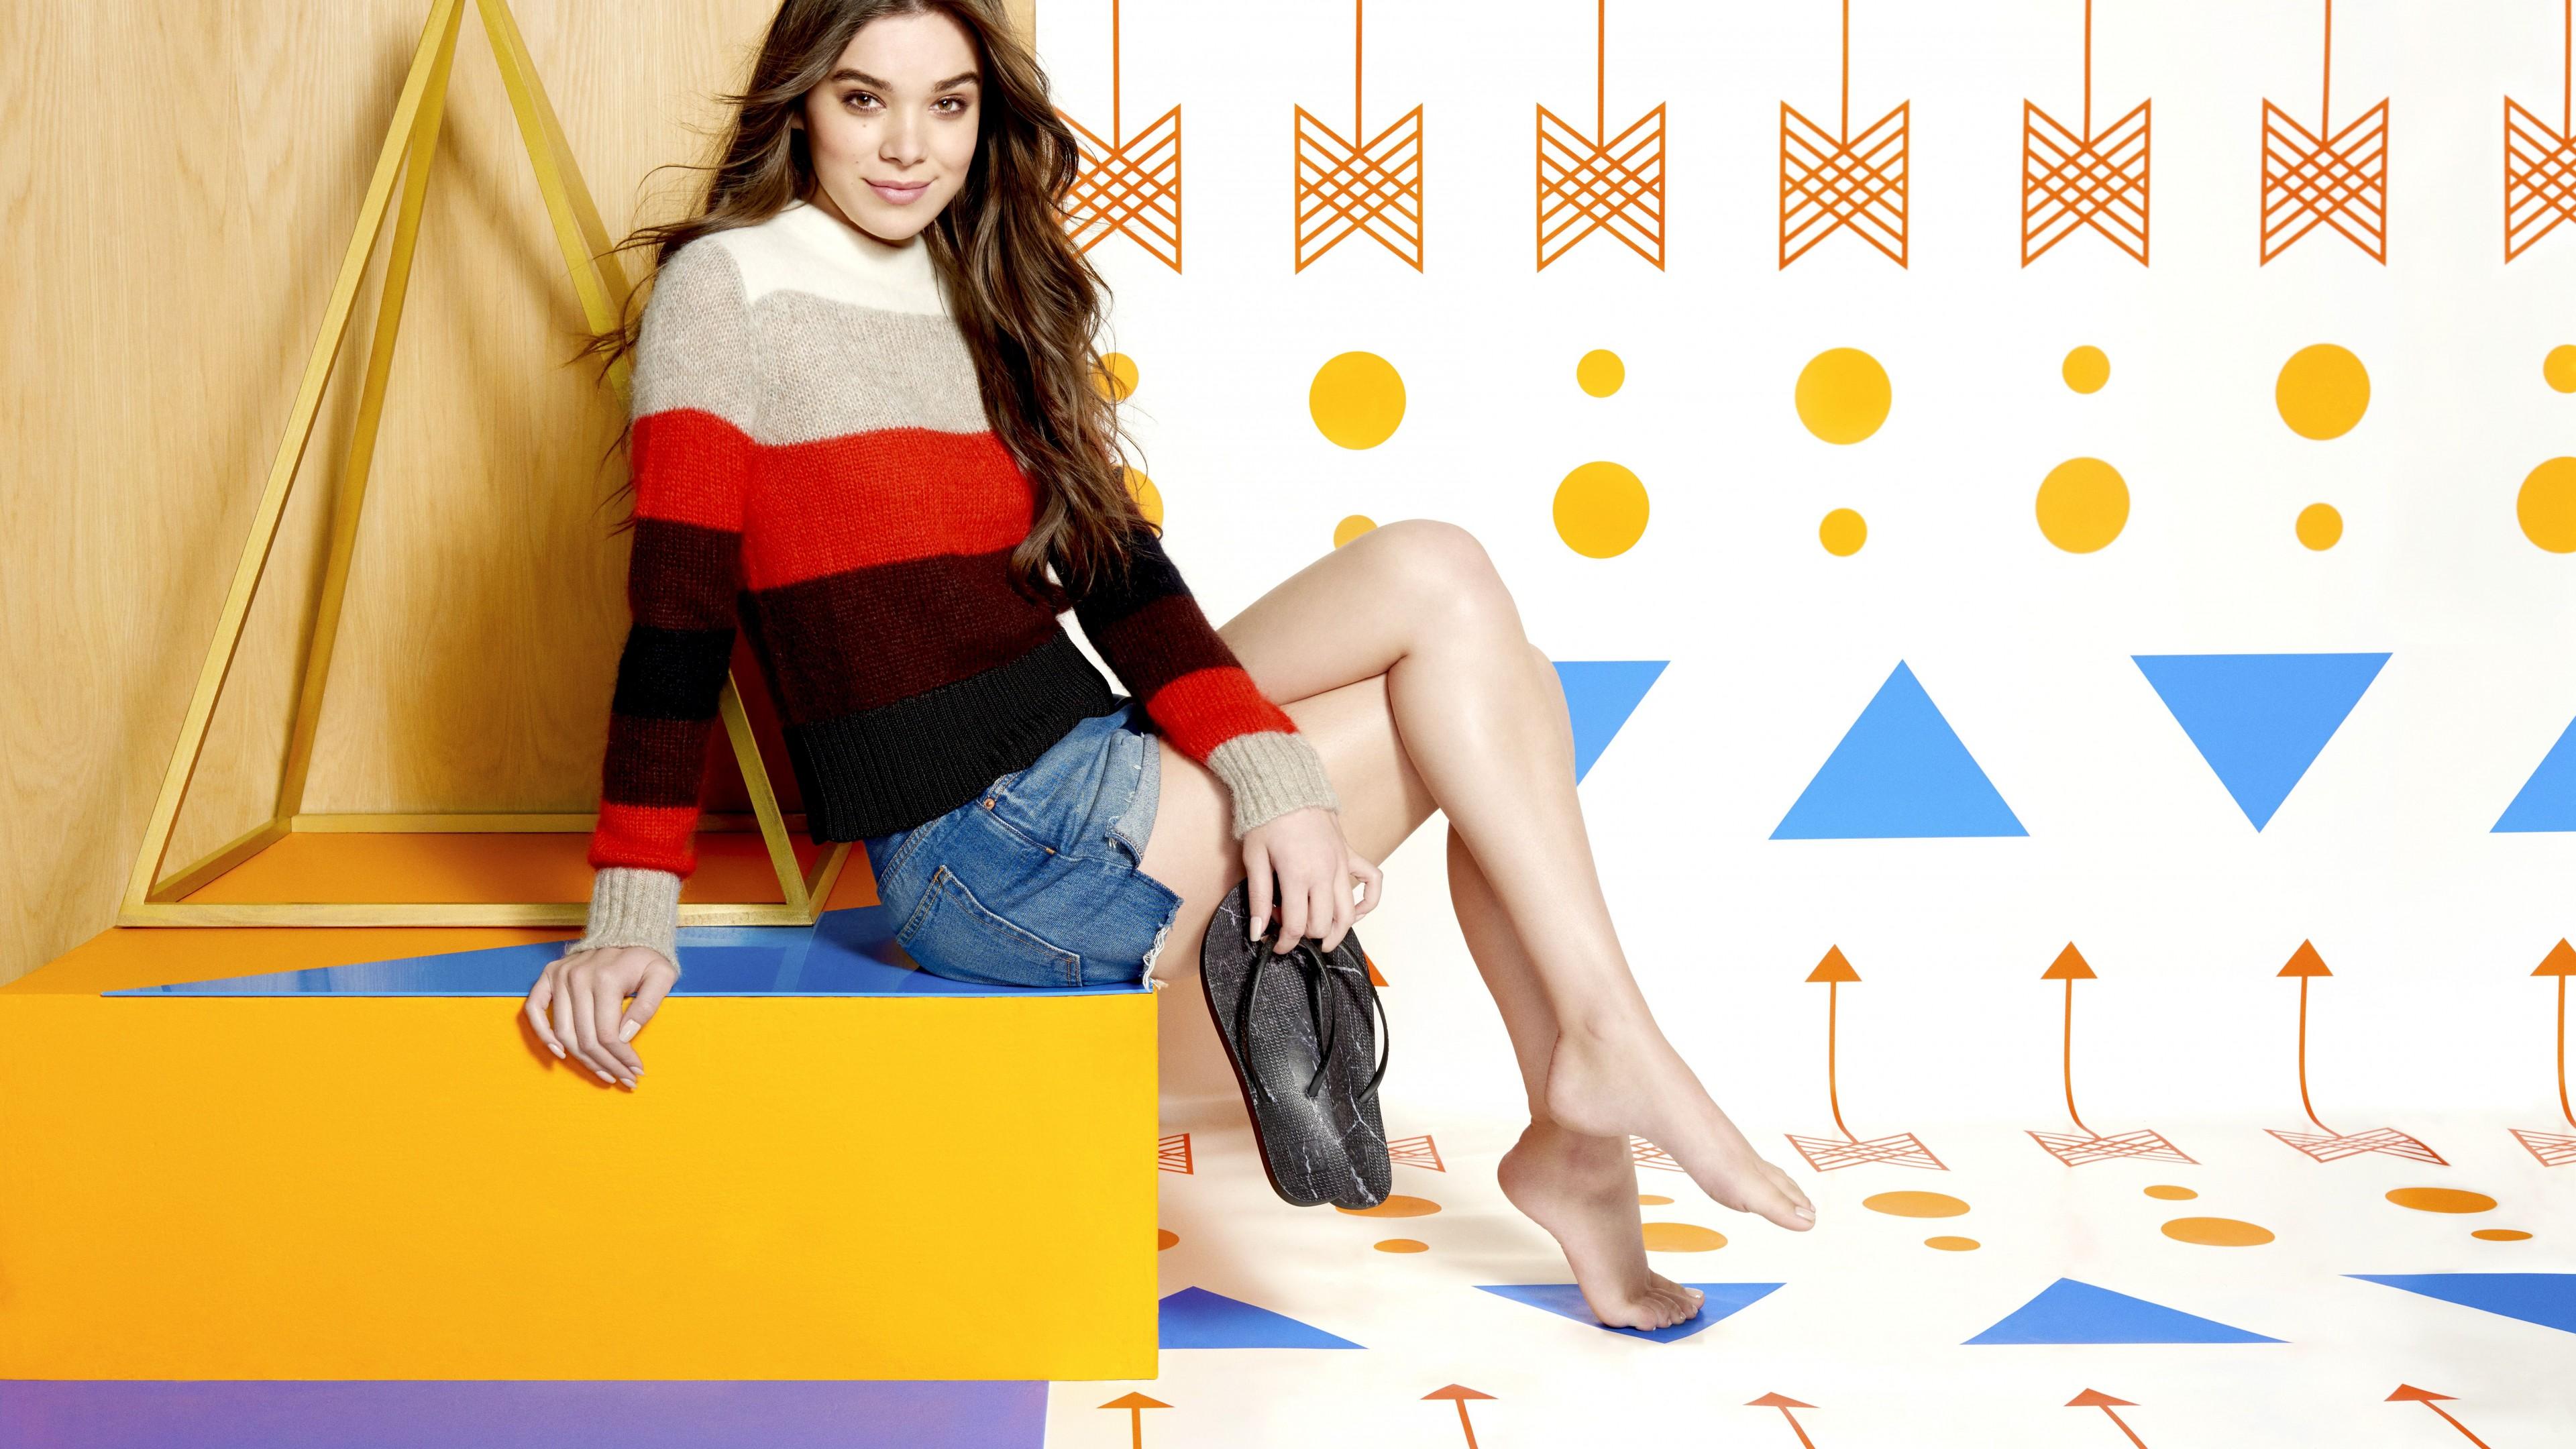 Брюнетка в свитере и шортах на фоне геометрических фигур